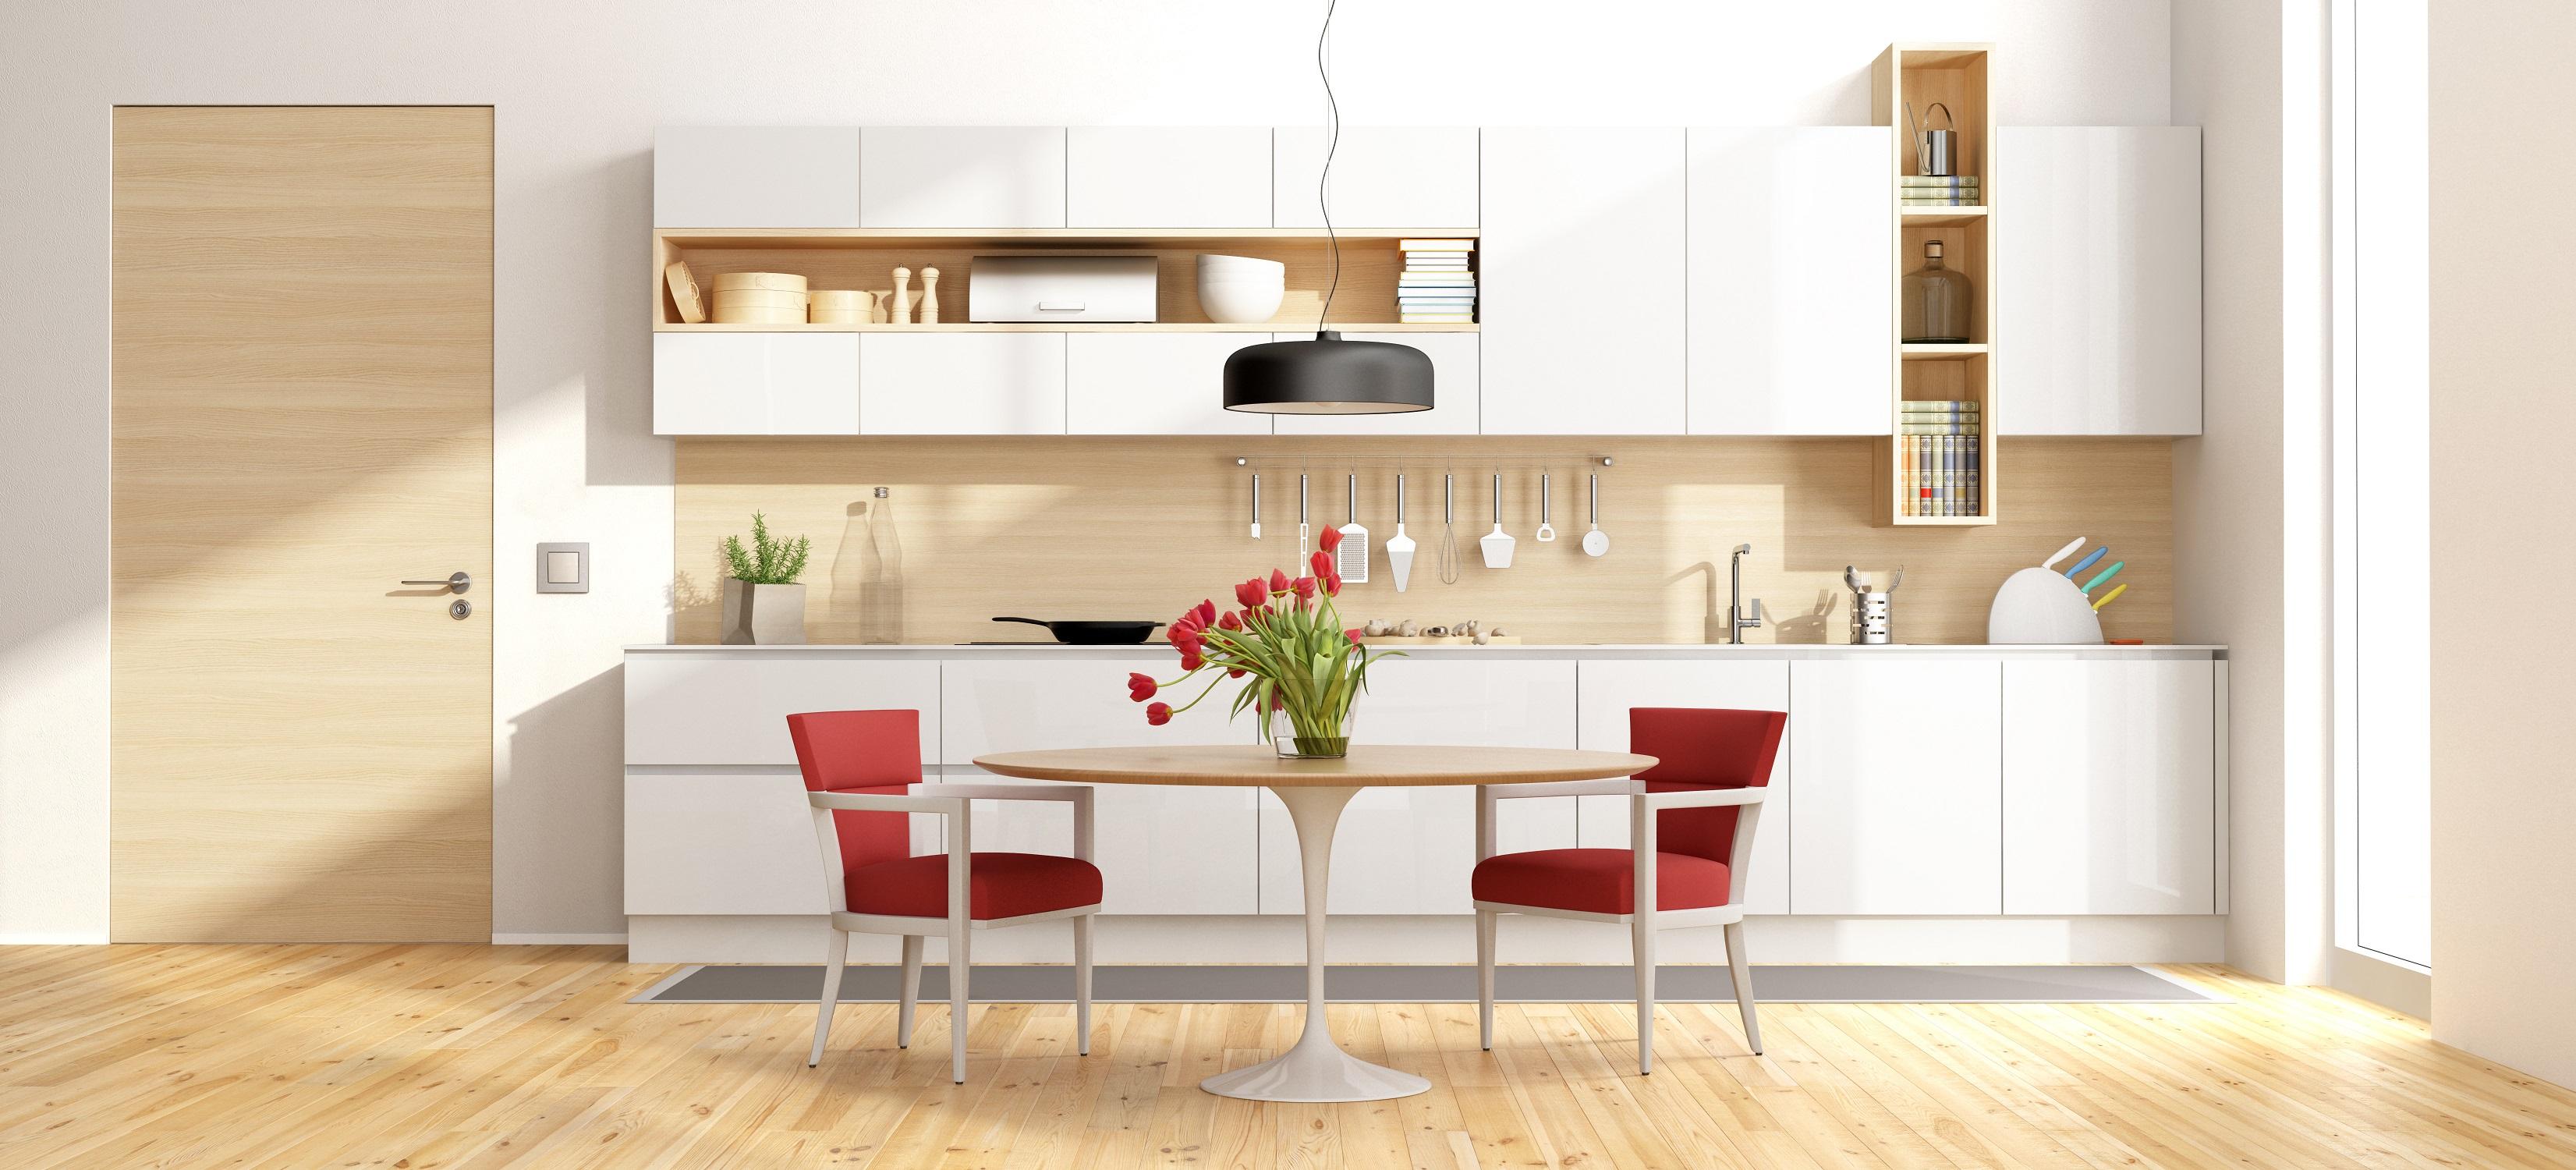 Architecte D Intérieur Brest 6 conseils pour un intérieur minimaliste - salon viving